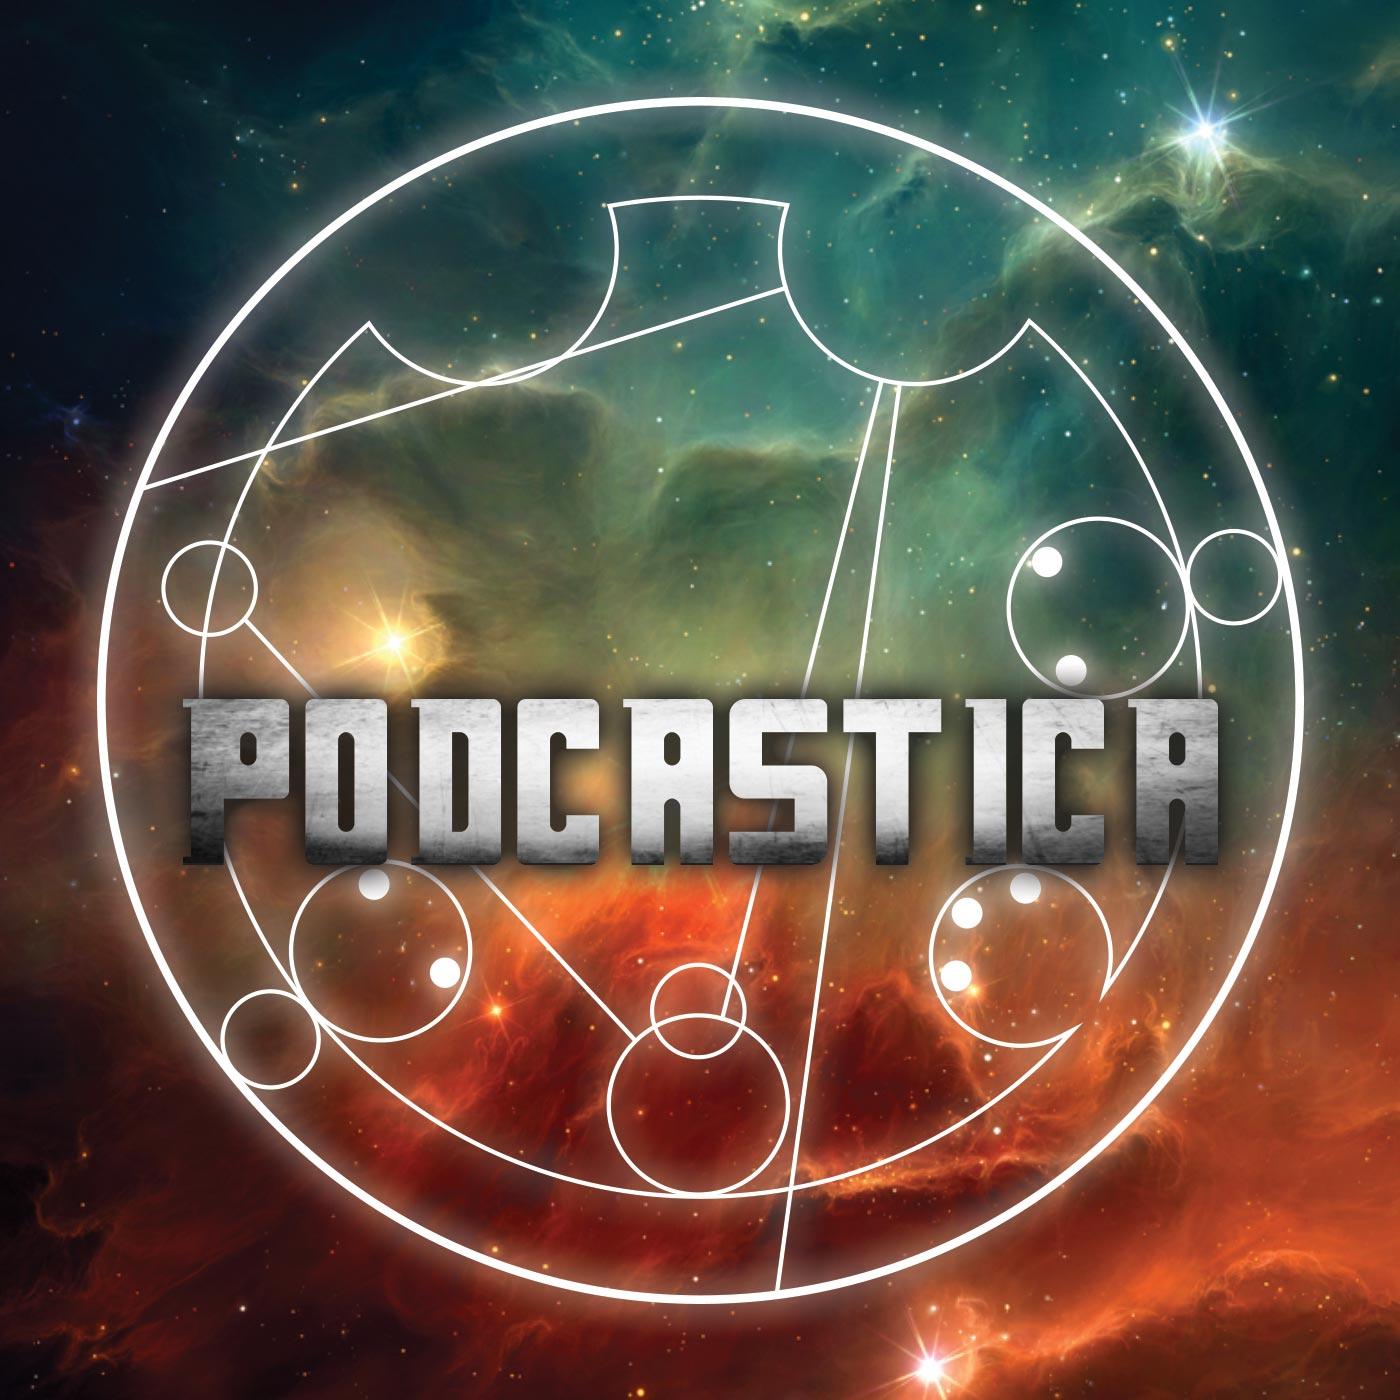 Podcastica